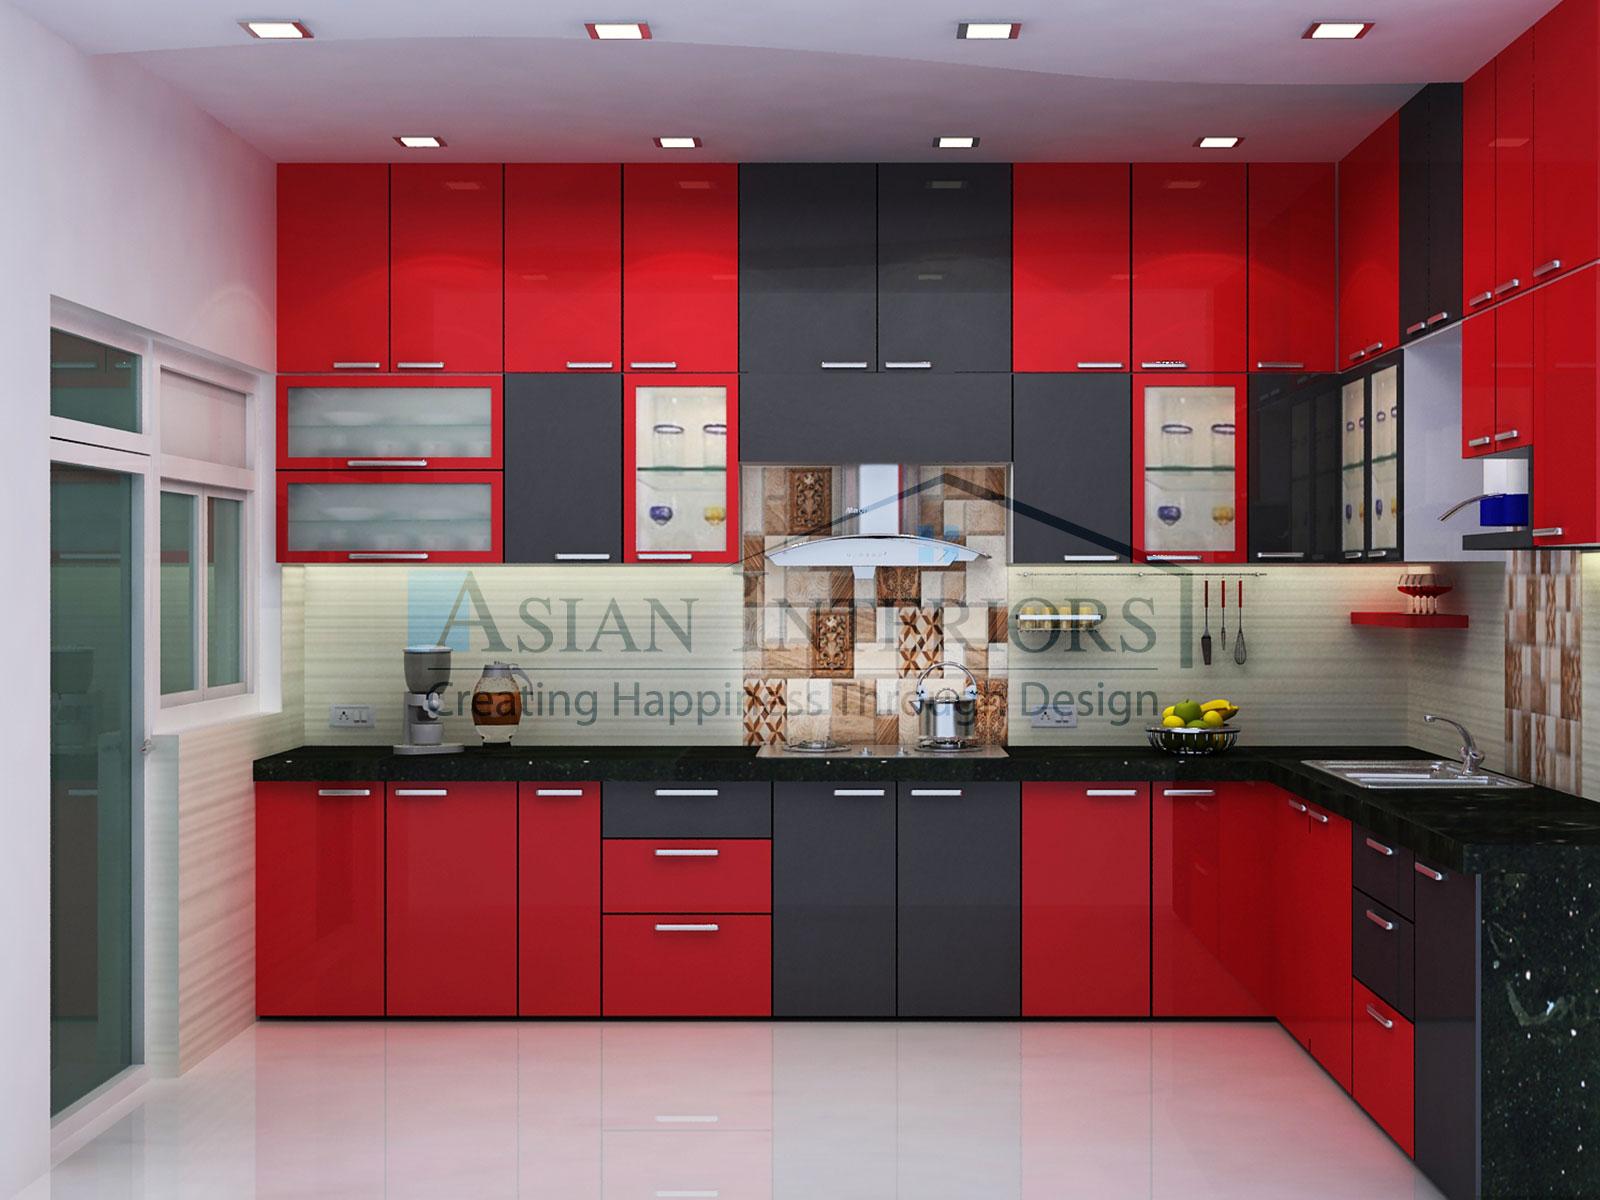 Asian-Interiors-Kitchen10